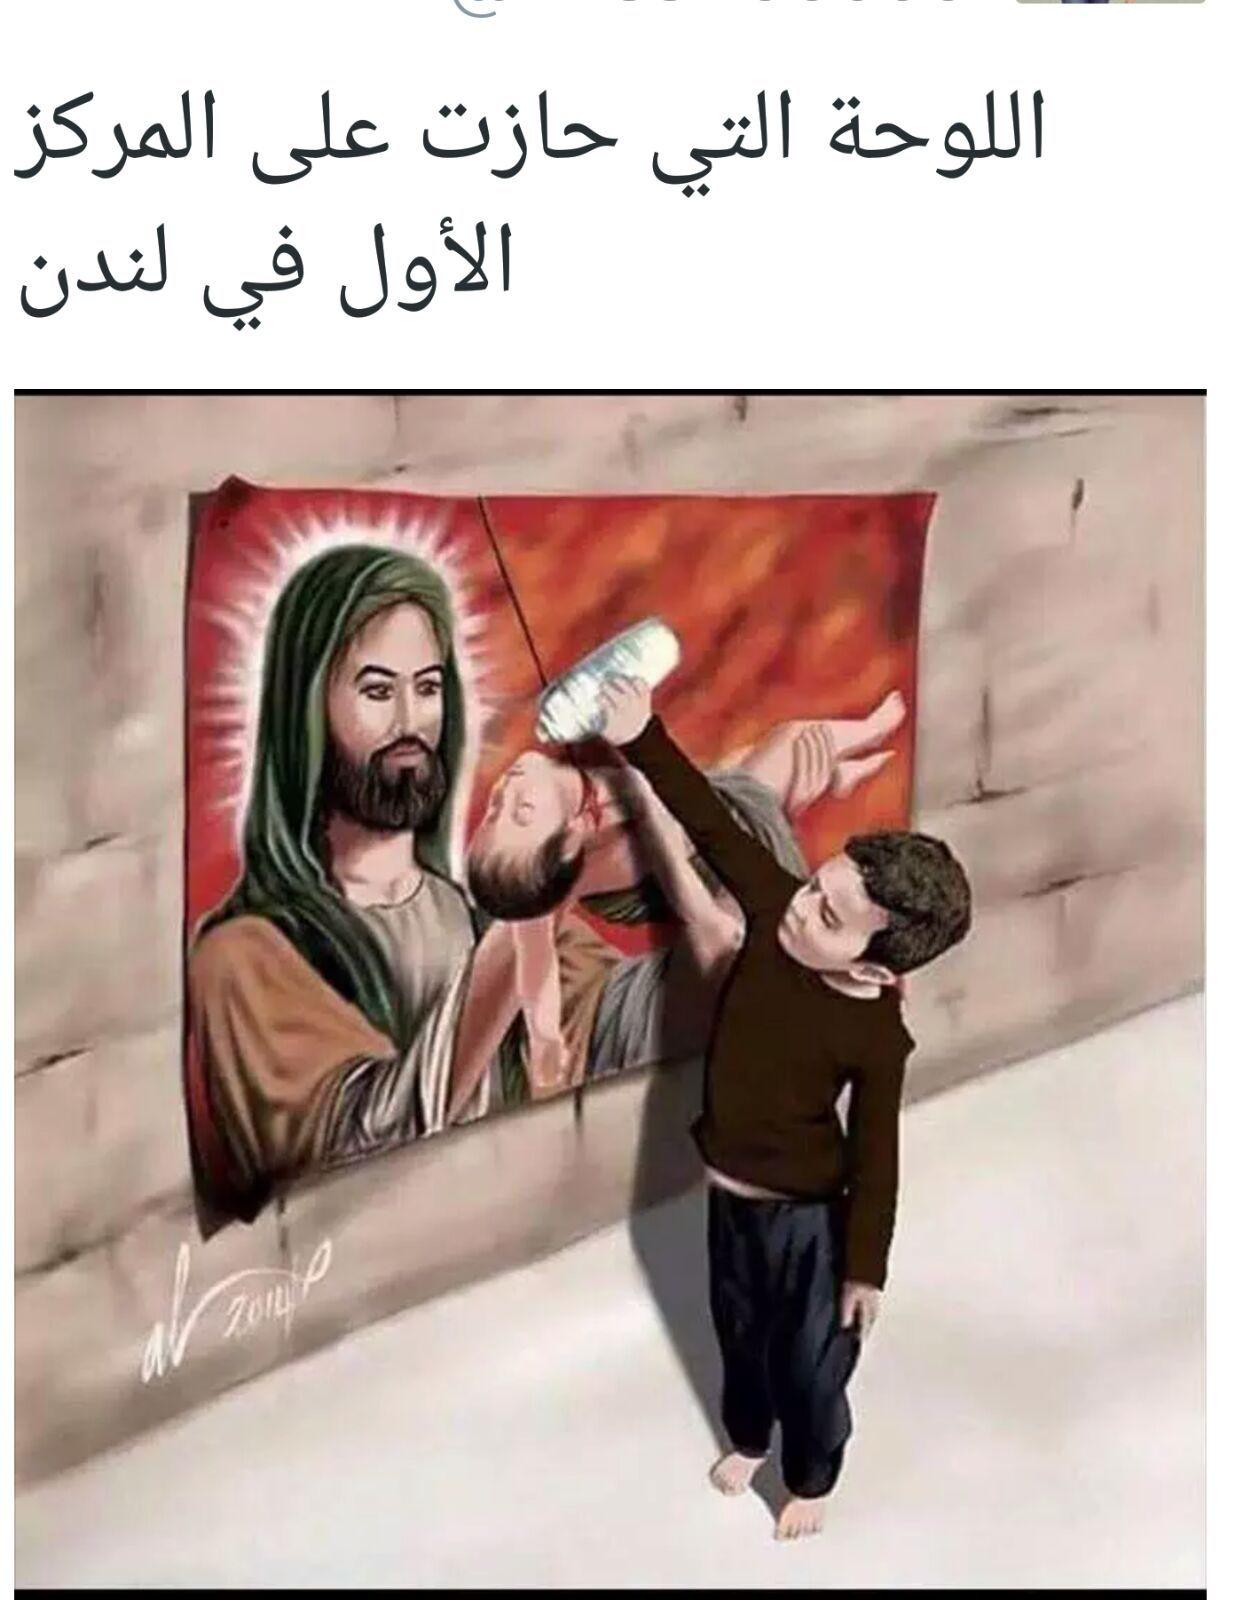 عبد الله الرضيع Islamic Art Calligraphy Islamic Art Karbala Photography